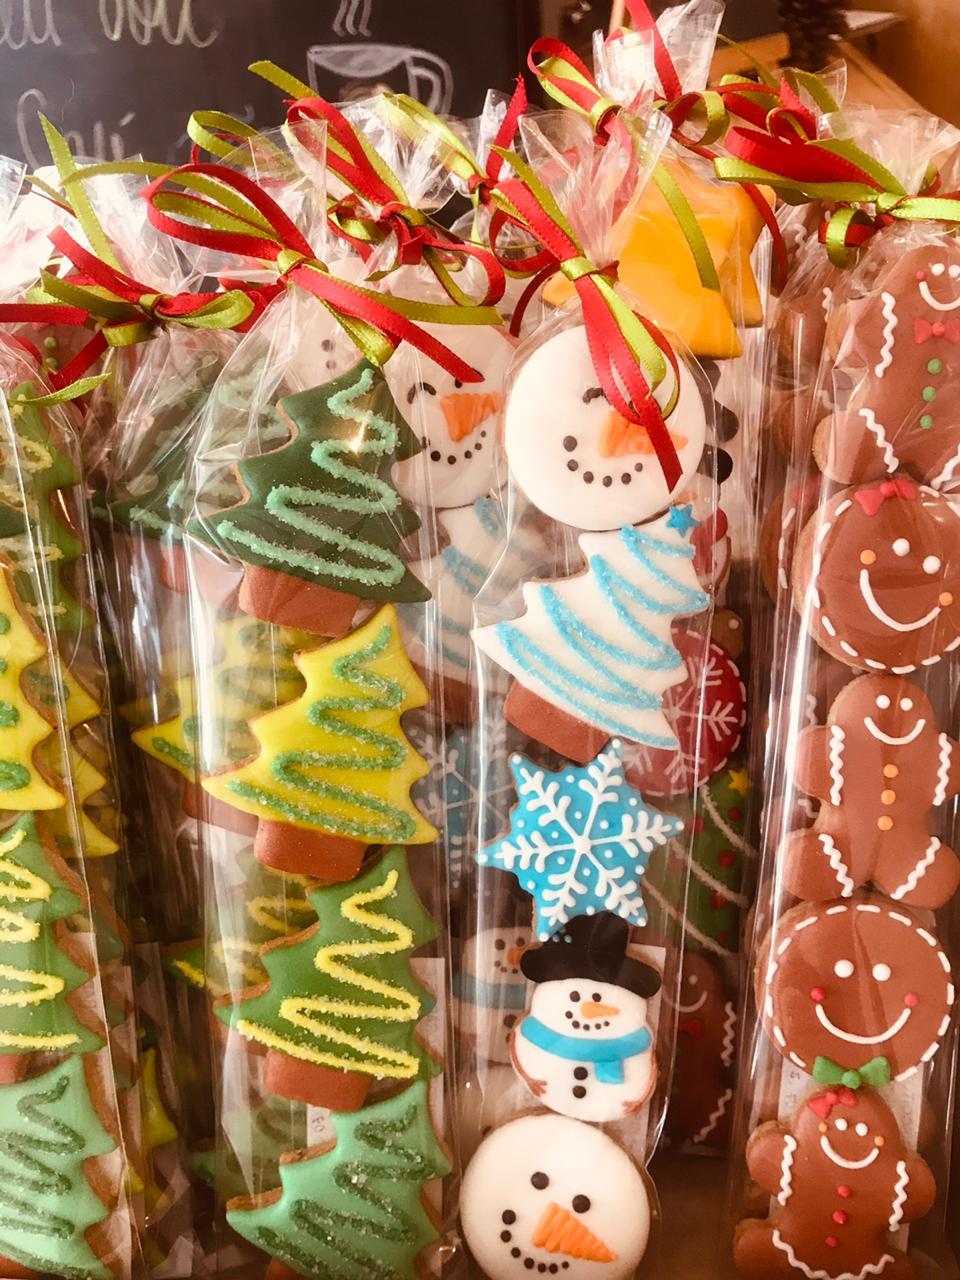 biscoitos de presente do alaúde no vipzinho